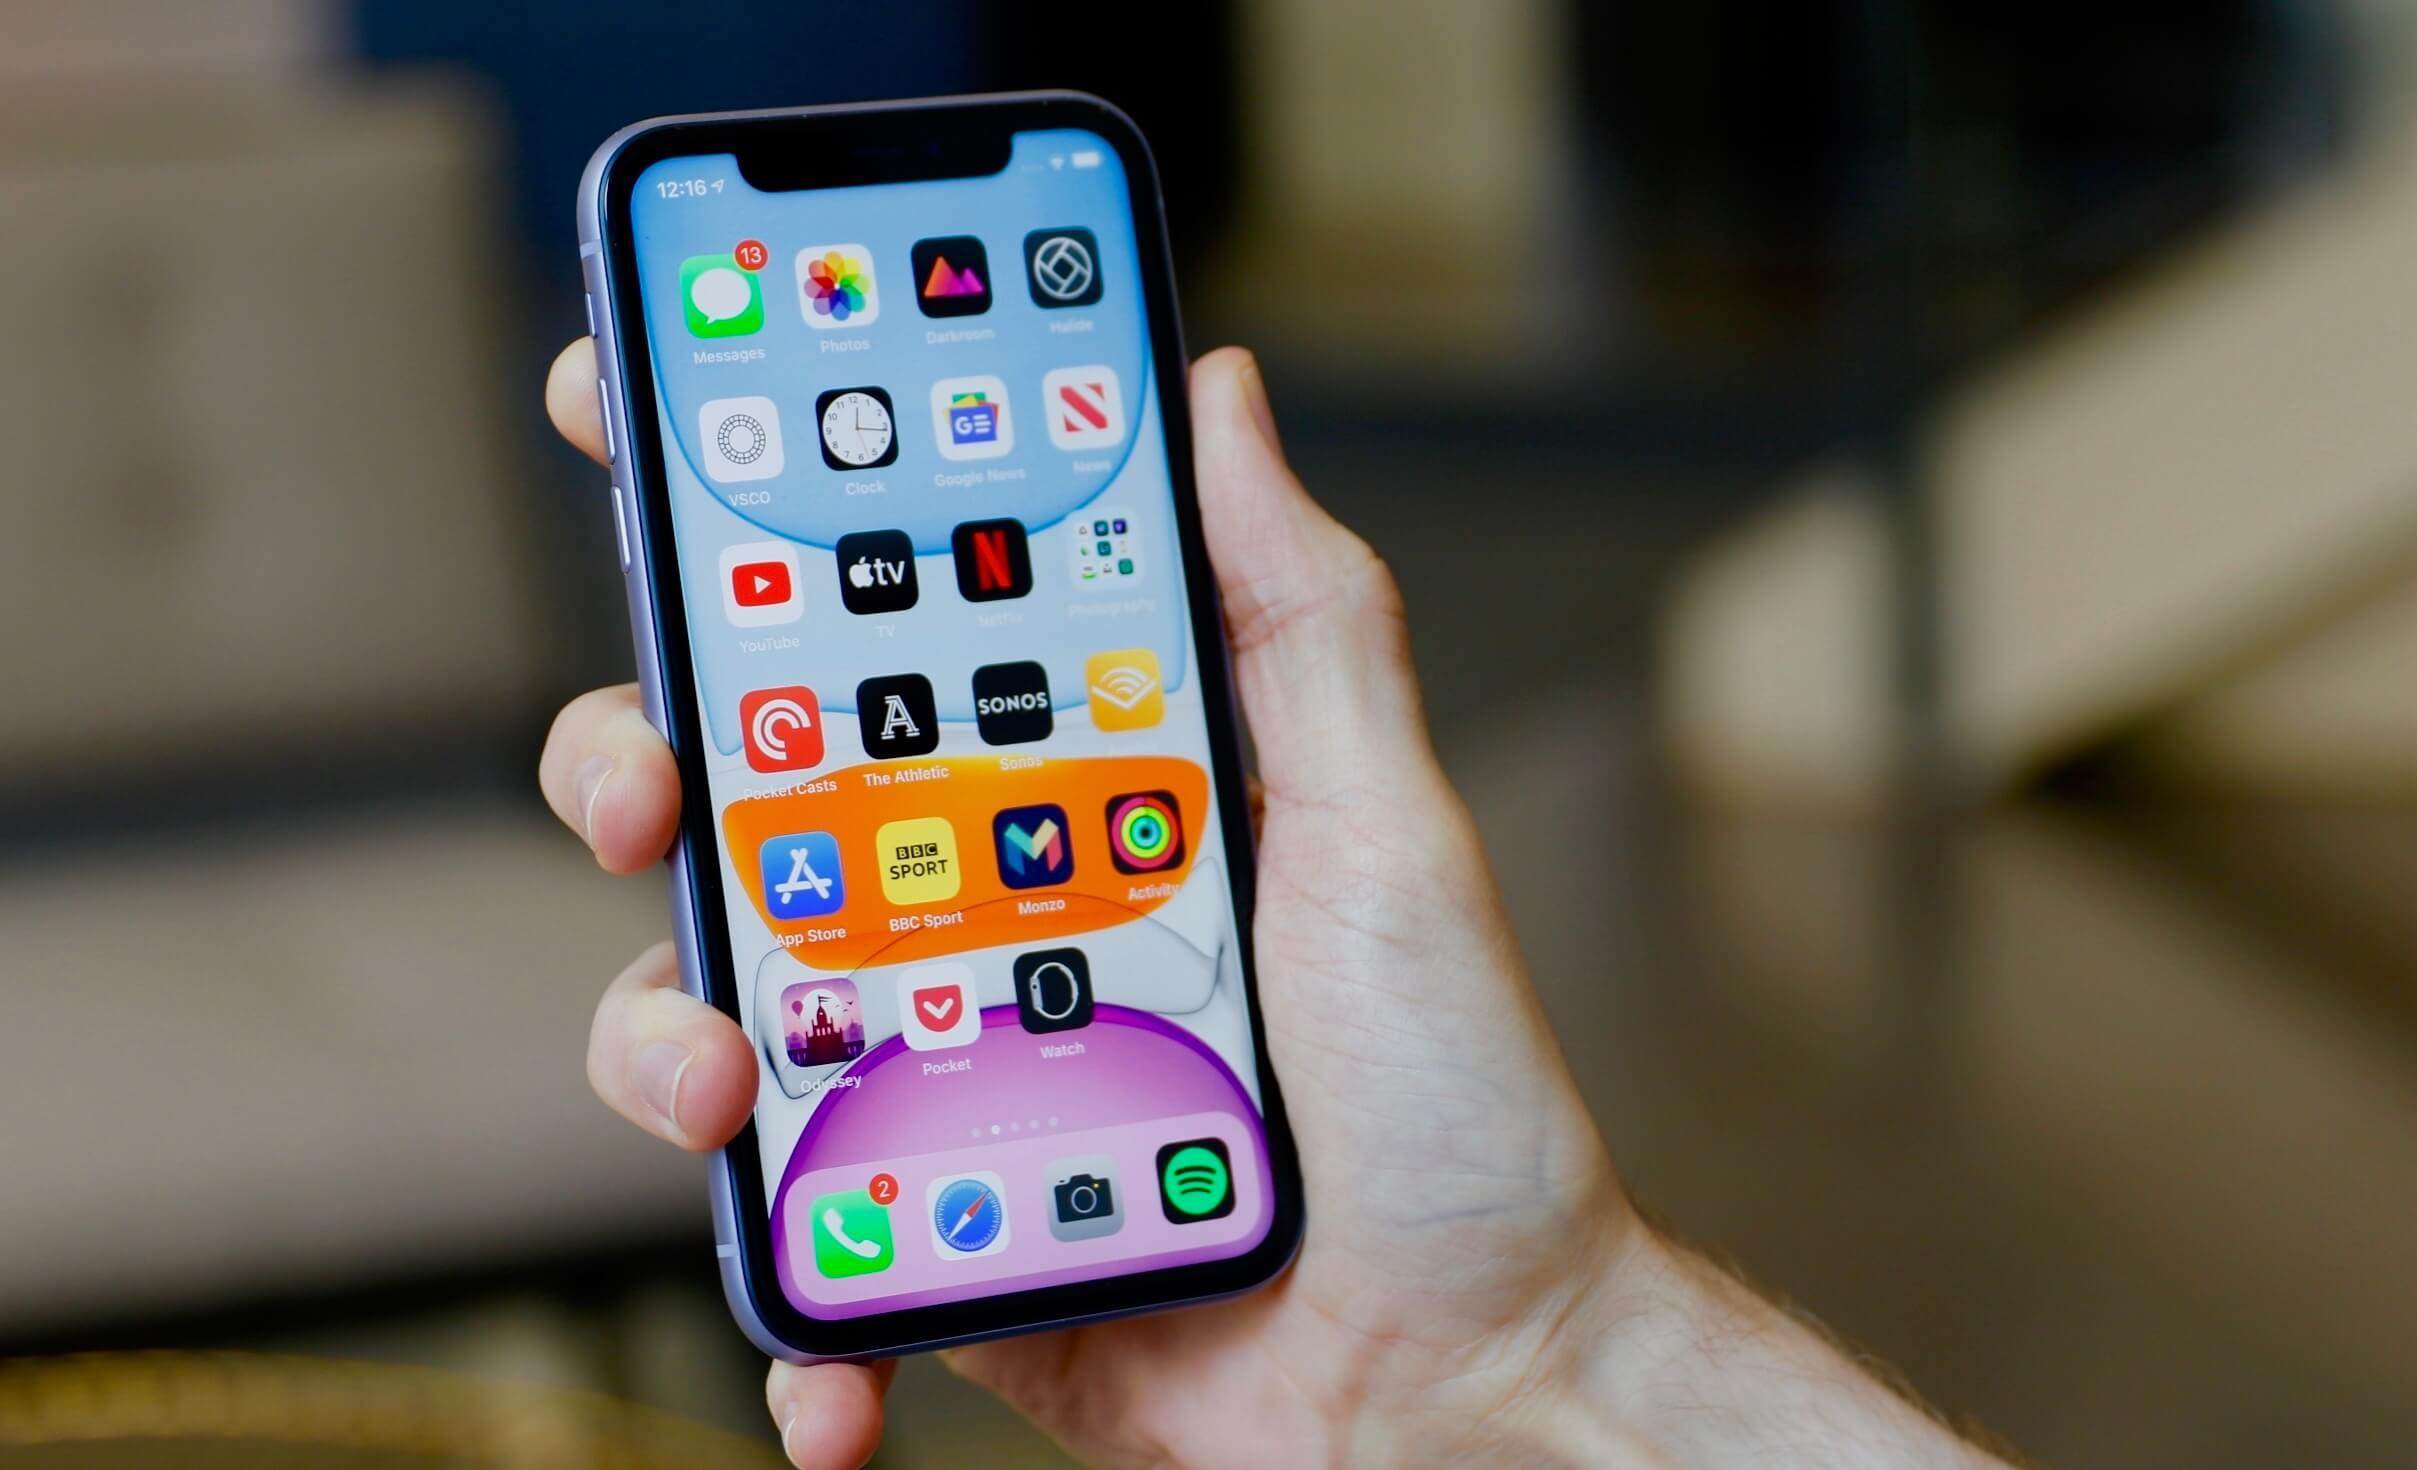 На iPhone перестали работать популярные приложения, включая сервисы Яндекса. Сбой мирового масштаба